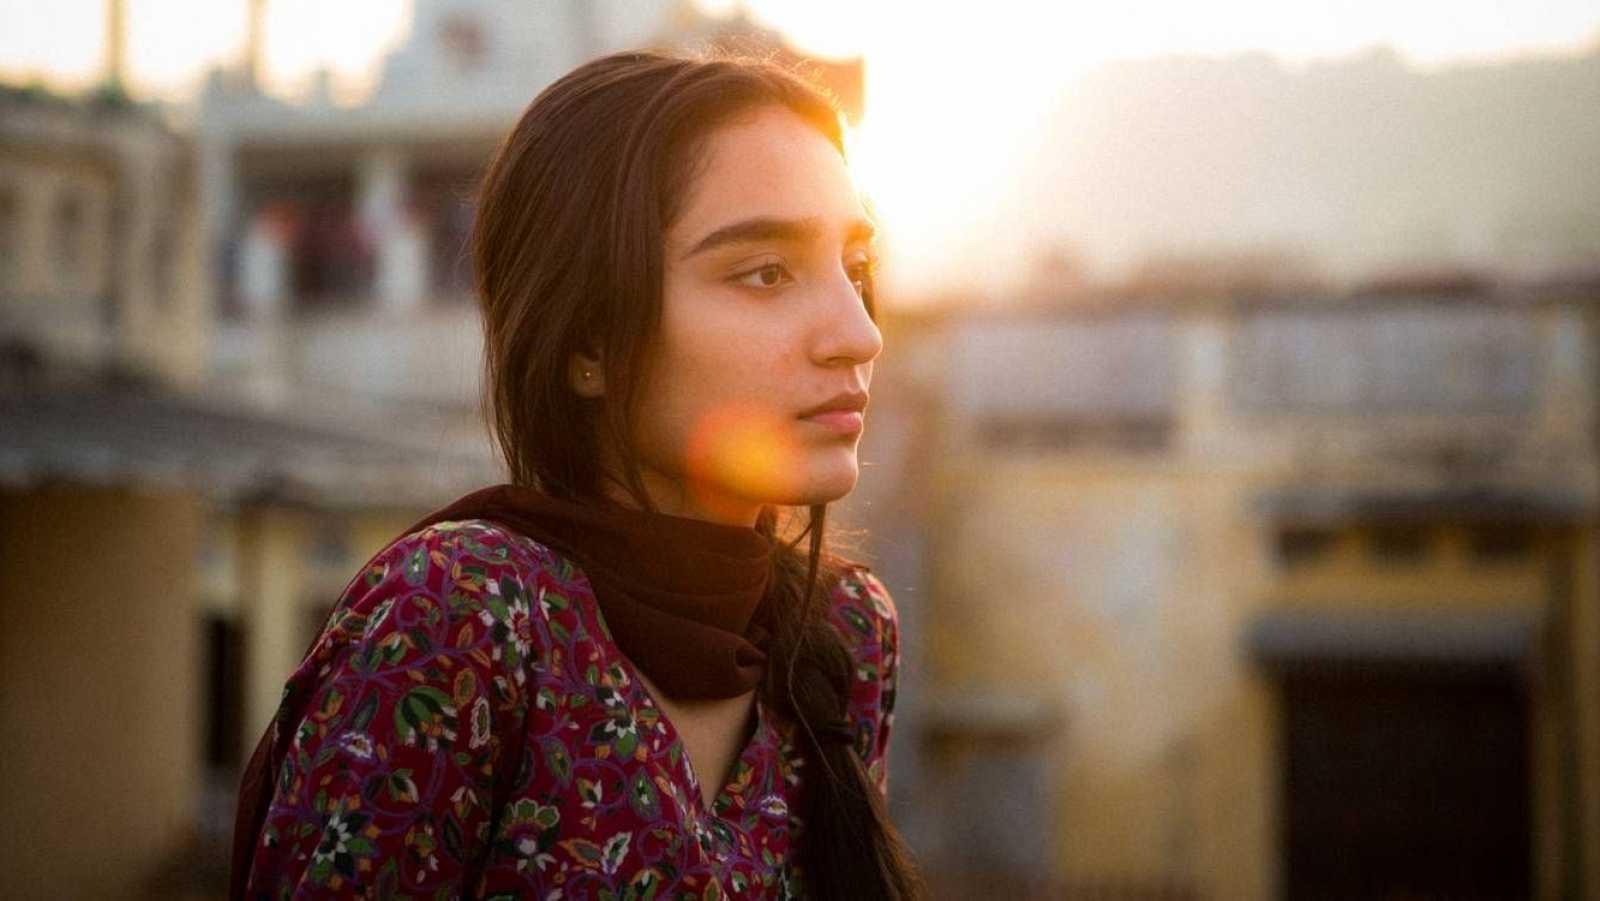 'El viaje de Nisha', una película sobre la falta de libertad de las mujeres pakistaníes este sábado en el Cine de La 2